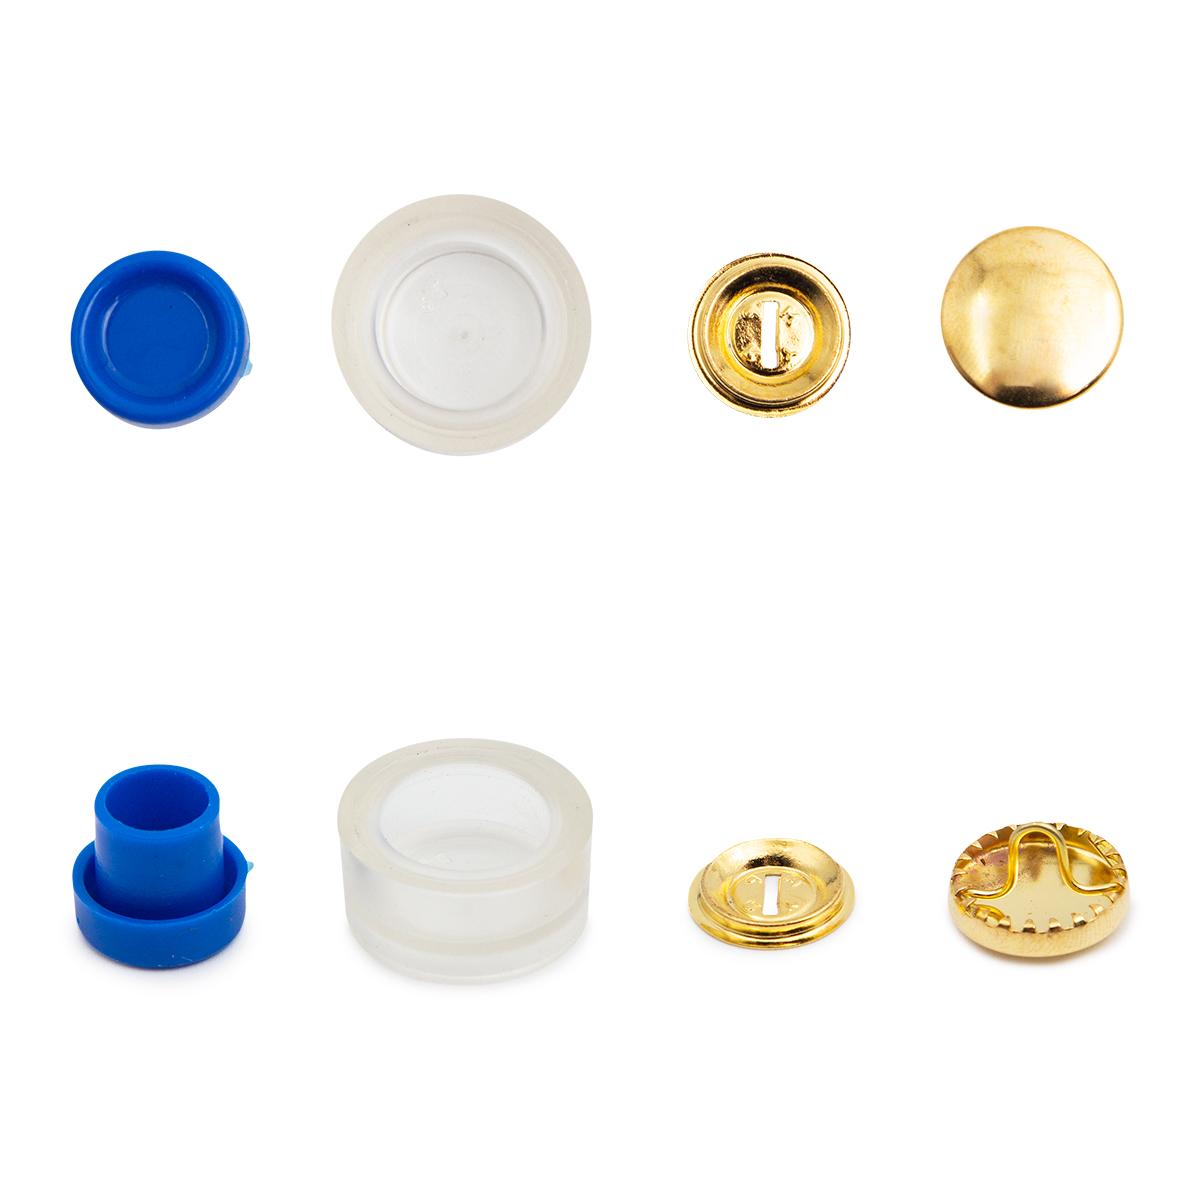 323215 Пуговицы для обтягивания тканью с инстр., 15 мм, упак./6 шт. Prym